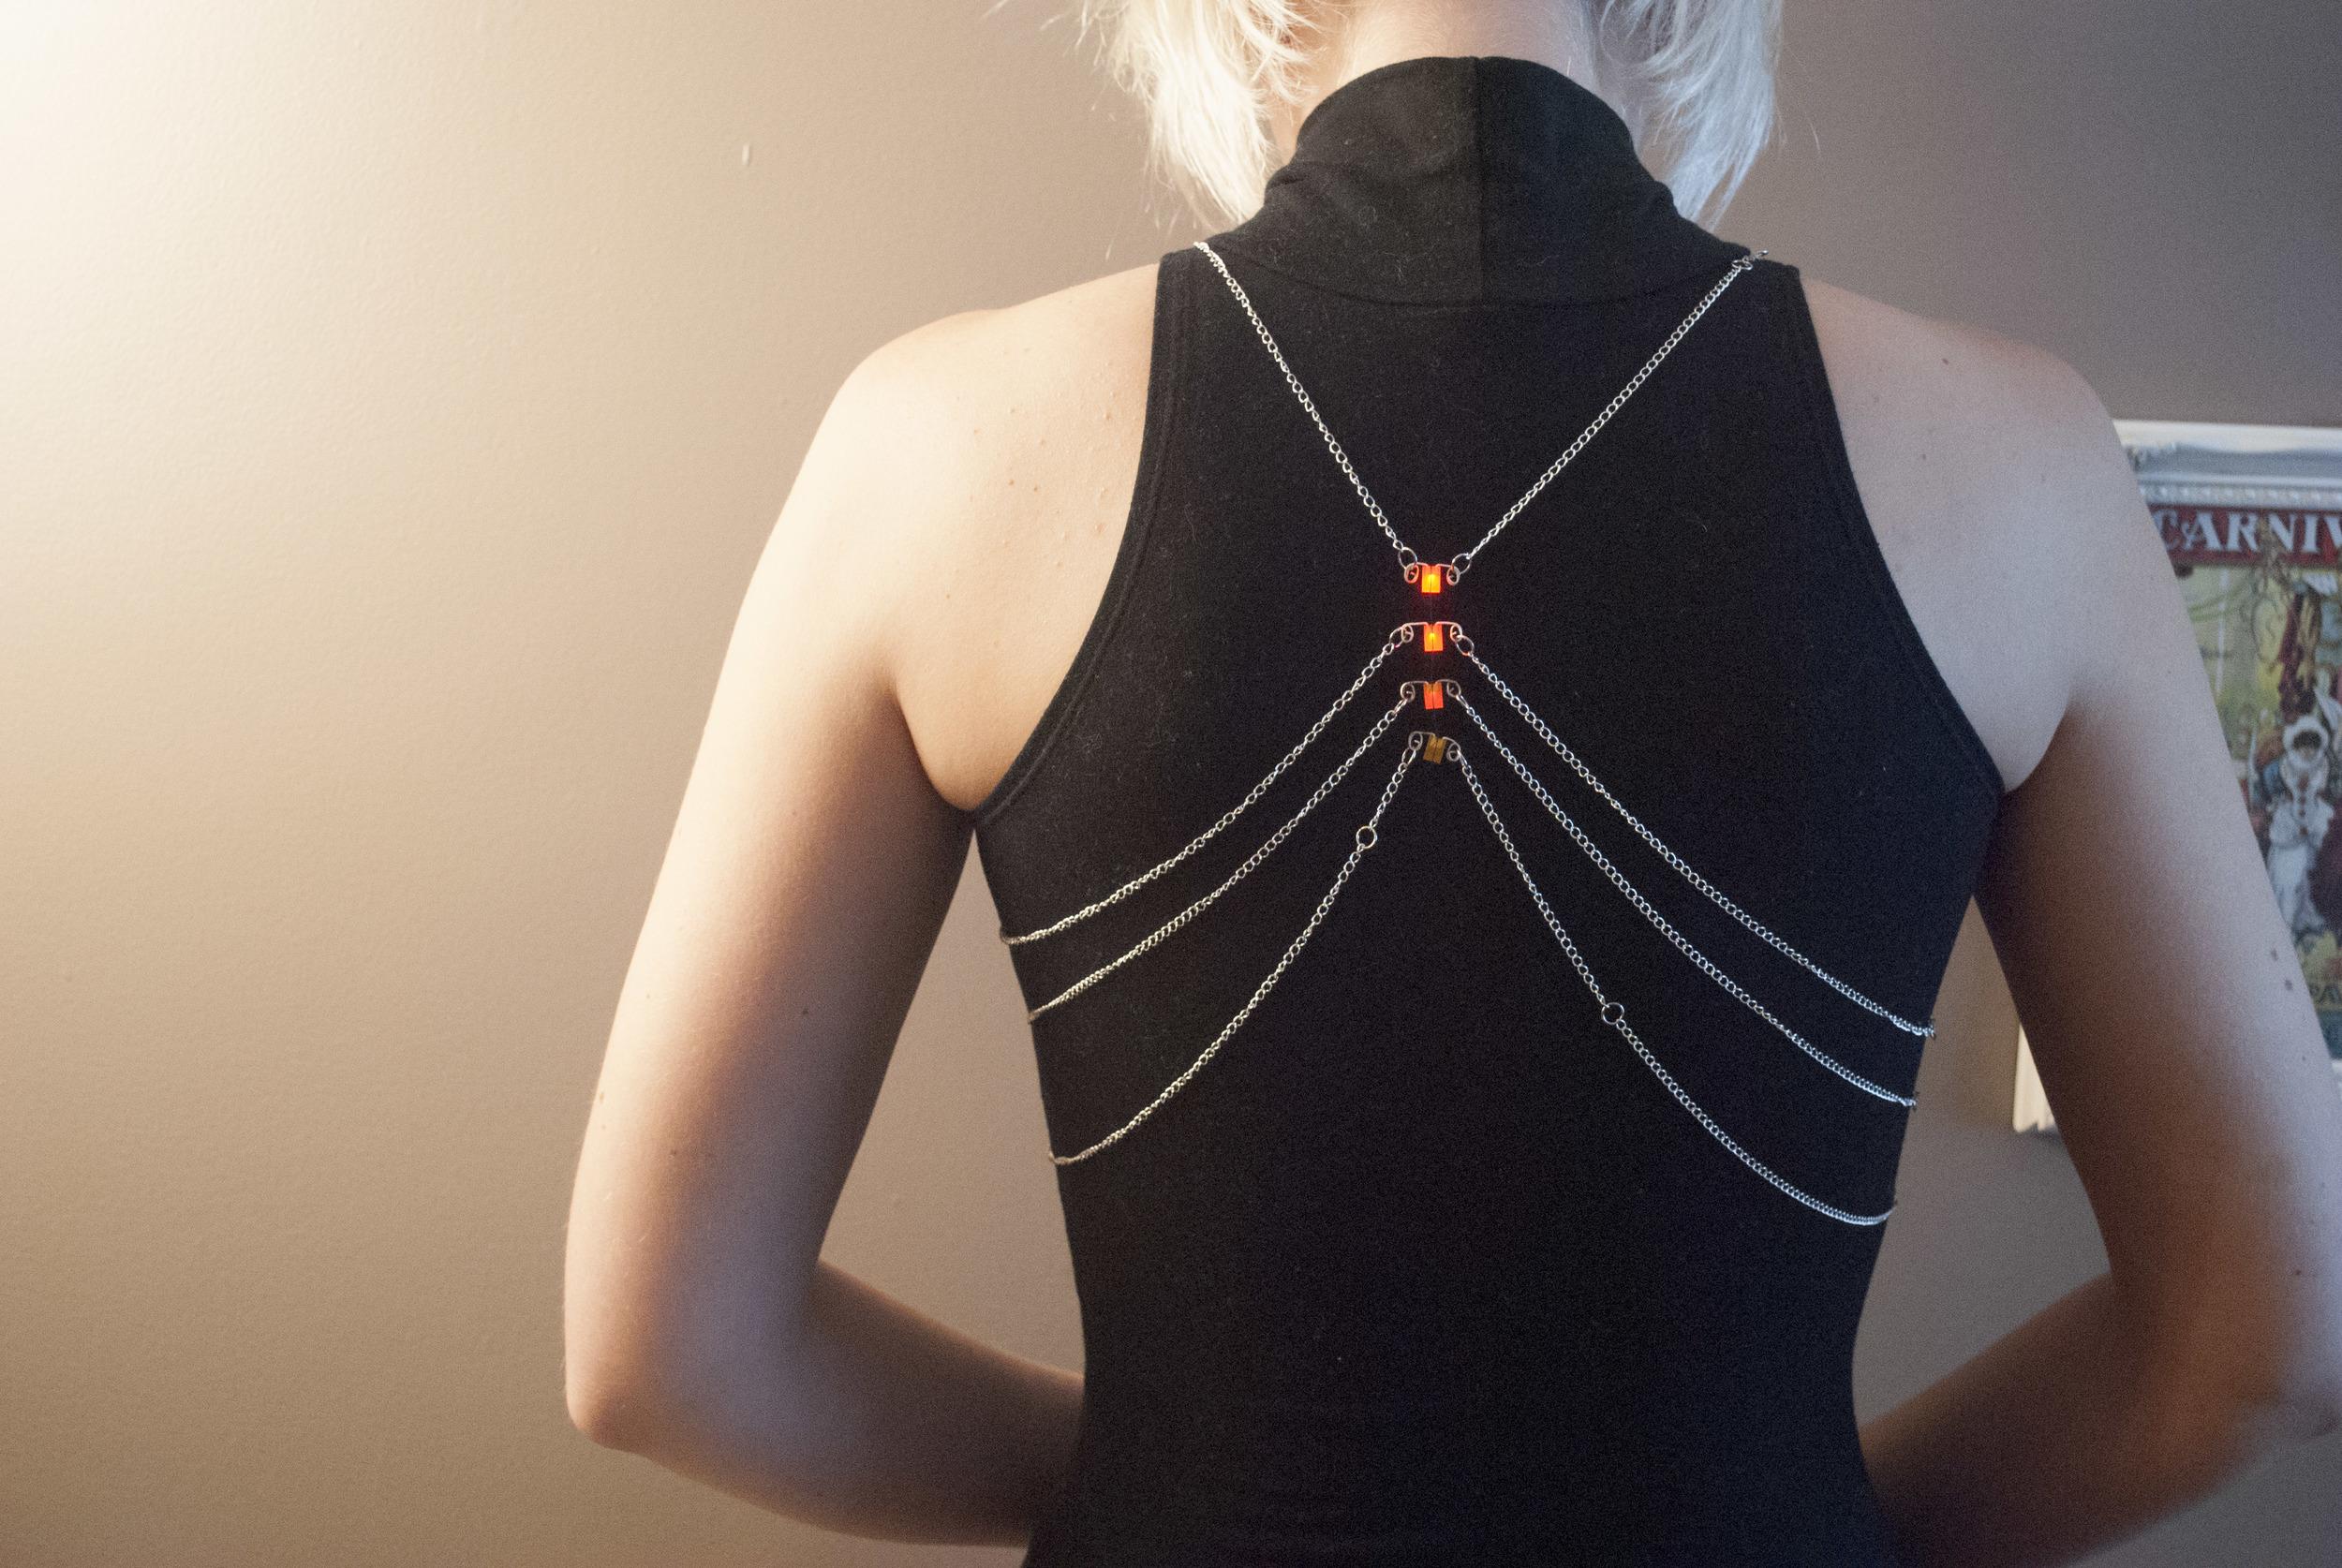 Prototype i (back)